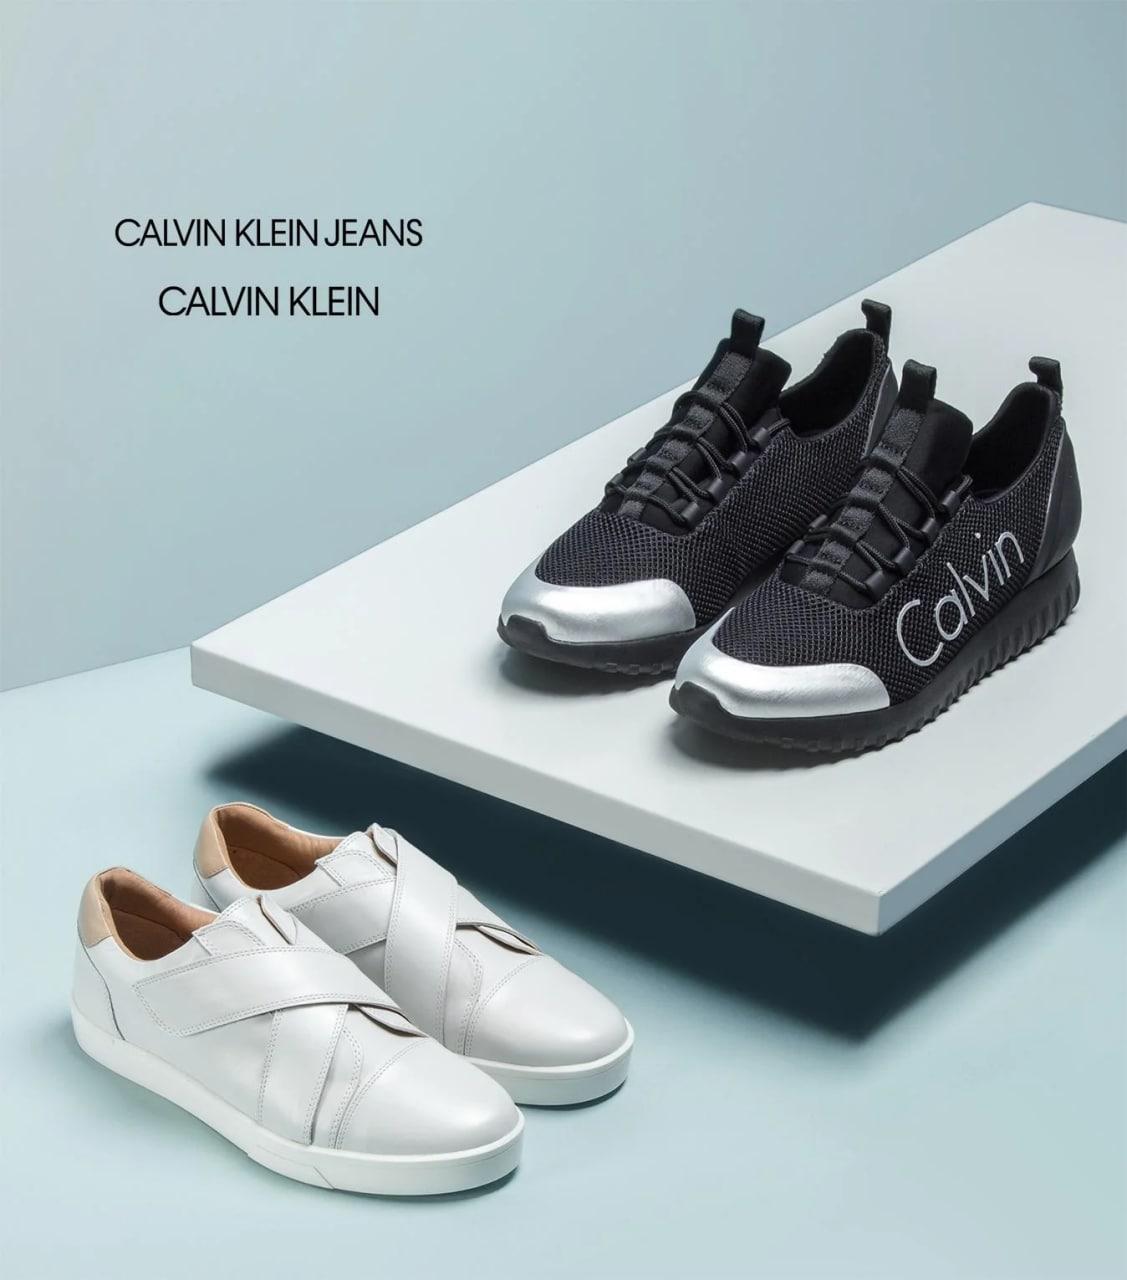 Descuentazos en calzado, gafas de sol y accesorios Calvin Klein